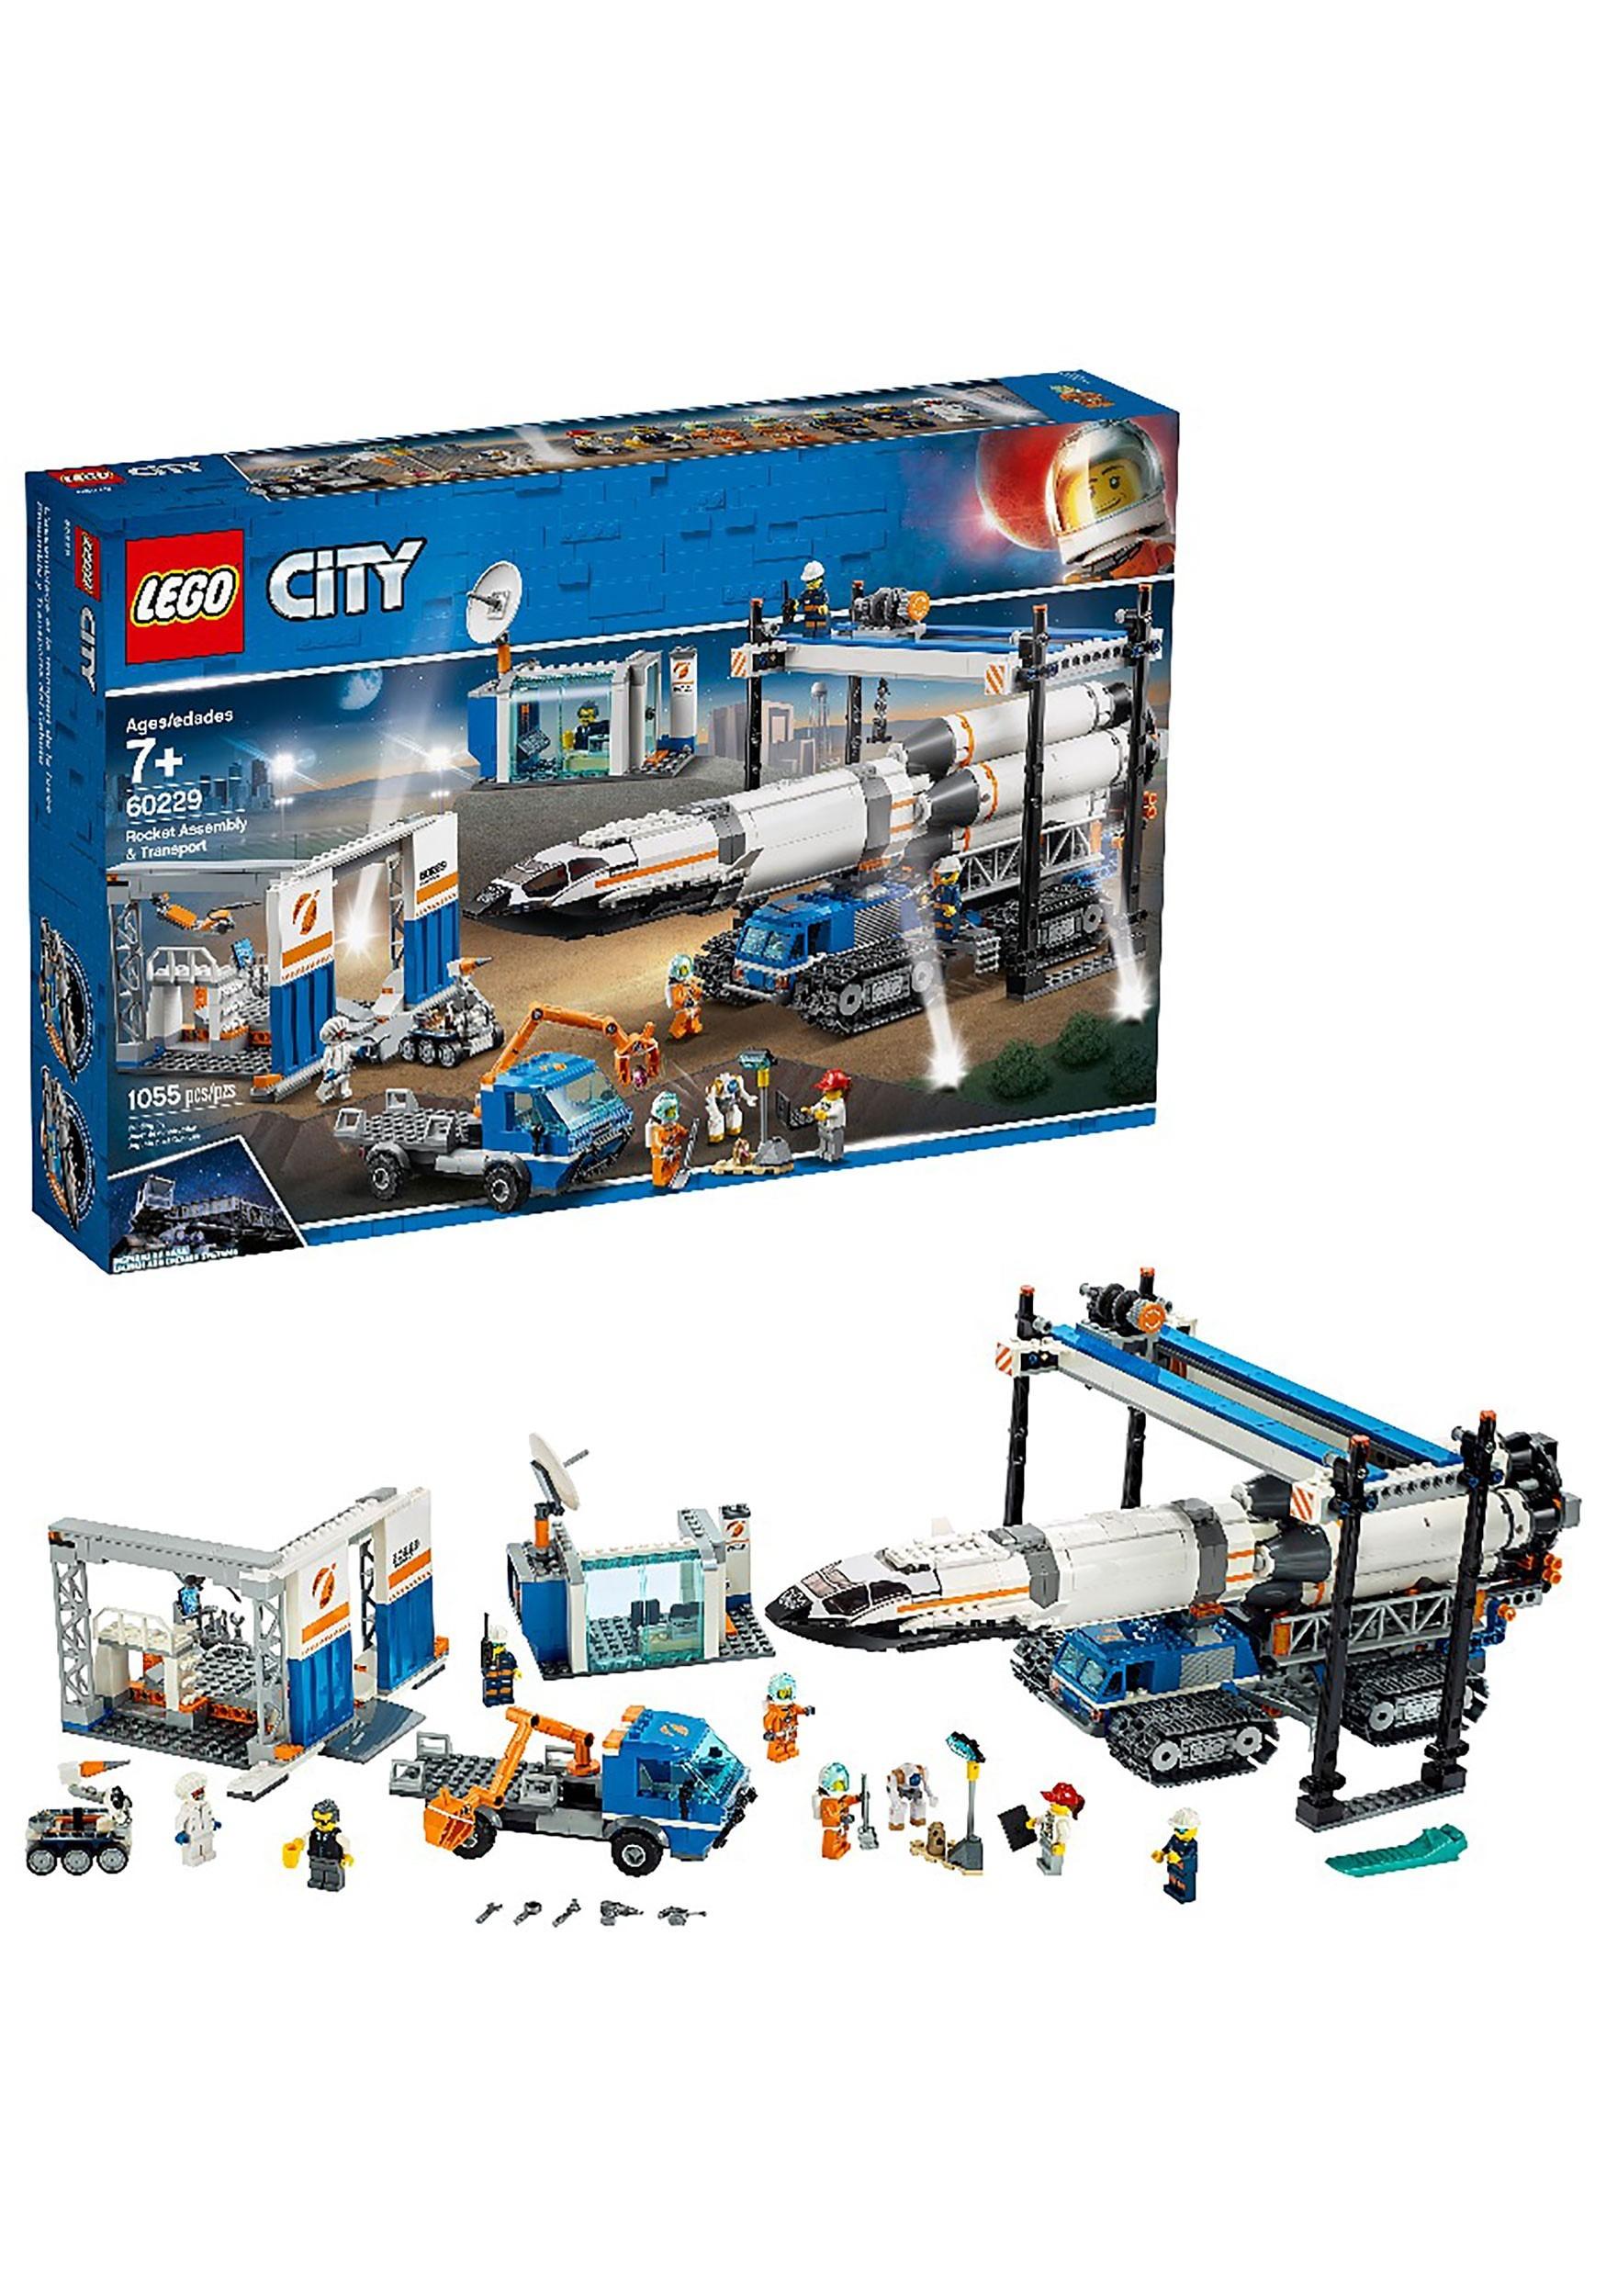 LEGO City Rocket Assembly & Transport Set